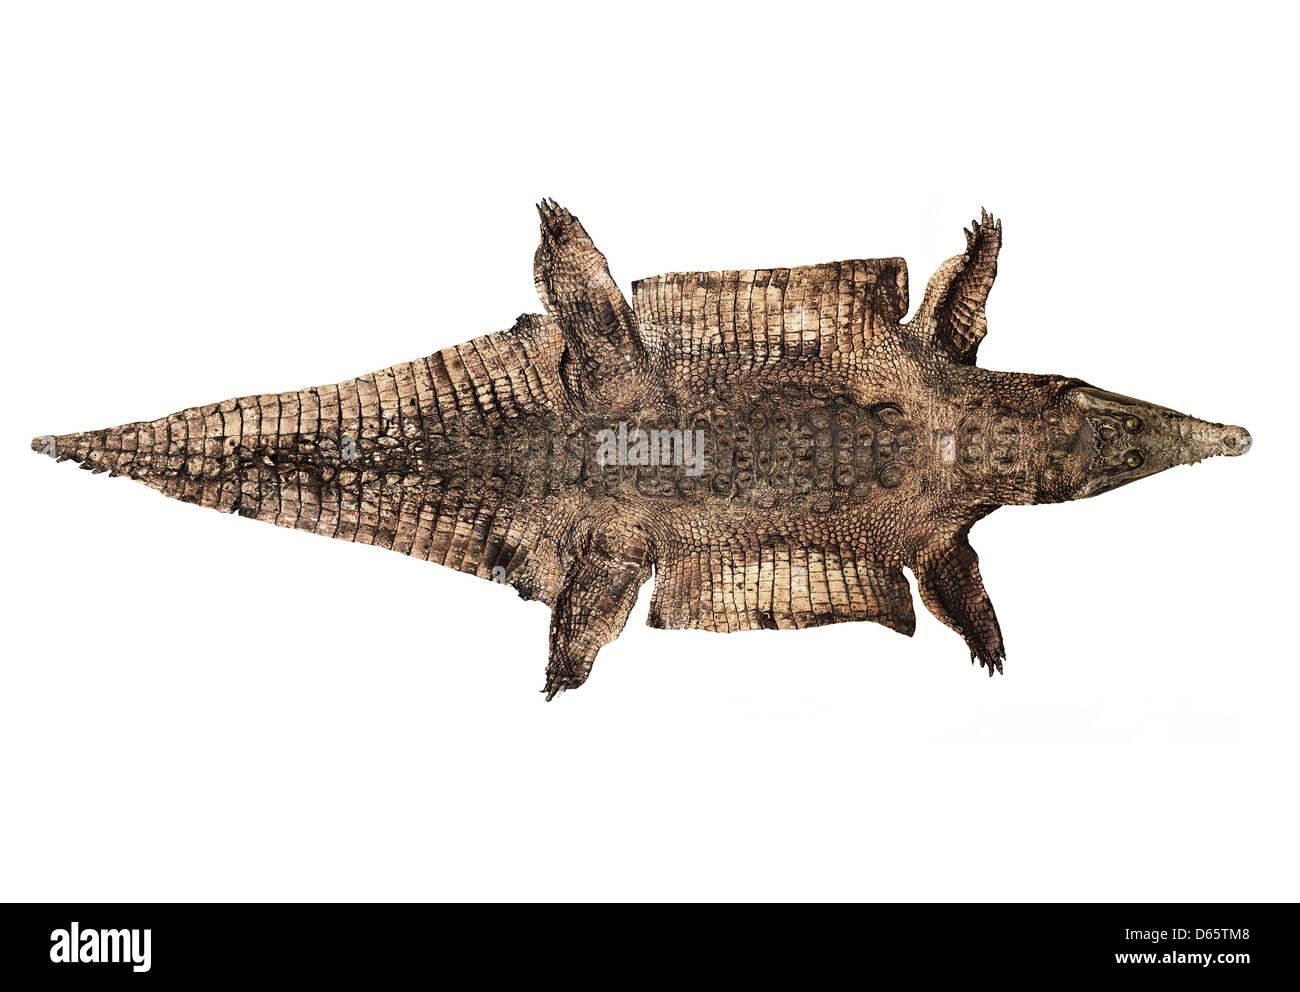 Vieux et usé la peau d'Alligator Photo Stock